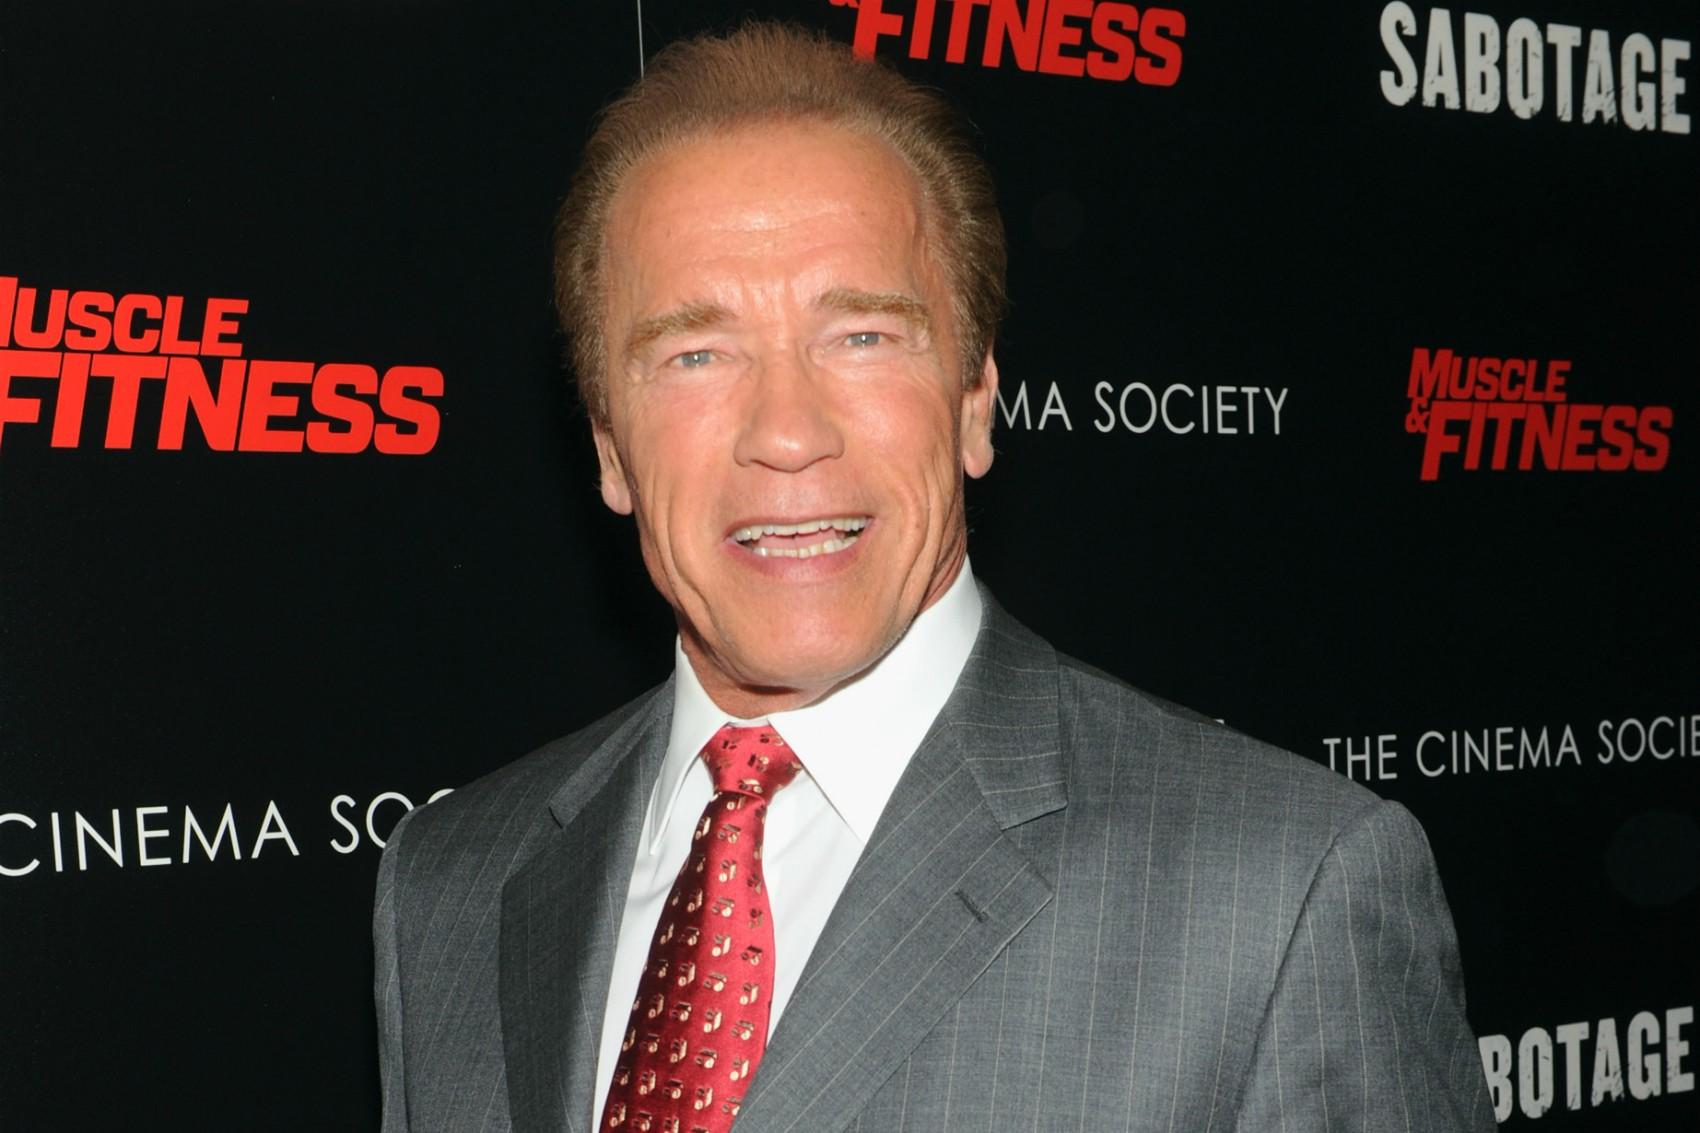 Arnold Schwarzenegger manteve em casa, durante anos a fio, uma empregada doméstica com a qual ele teve um caso e um filho, sem contar nada disso à esposa, que, ao descobrir, pediu divórcio. Pudera. (Foto: Getty Images)